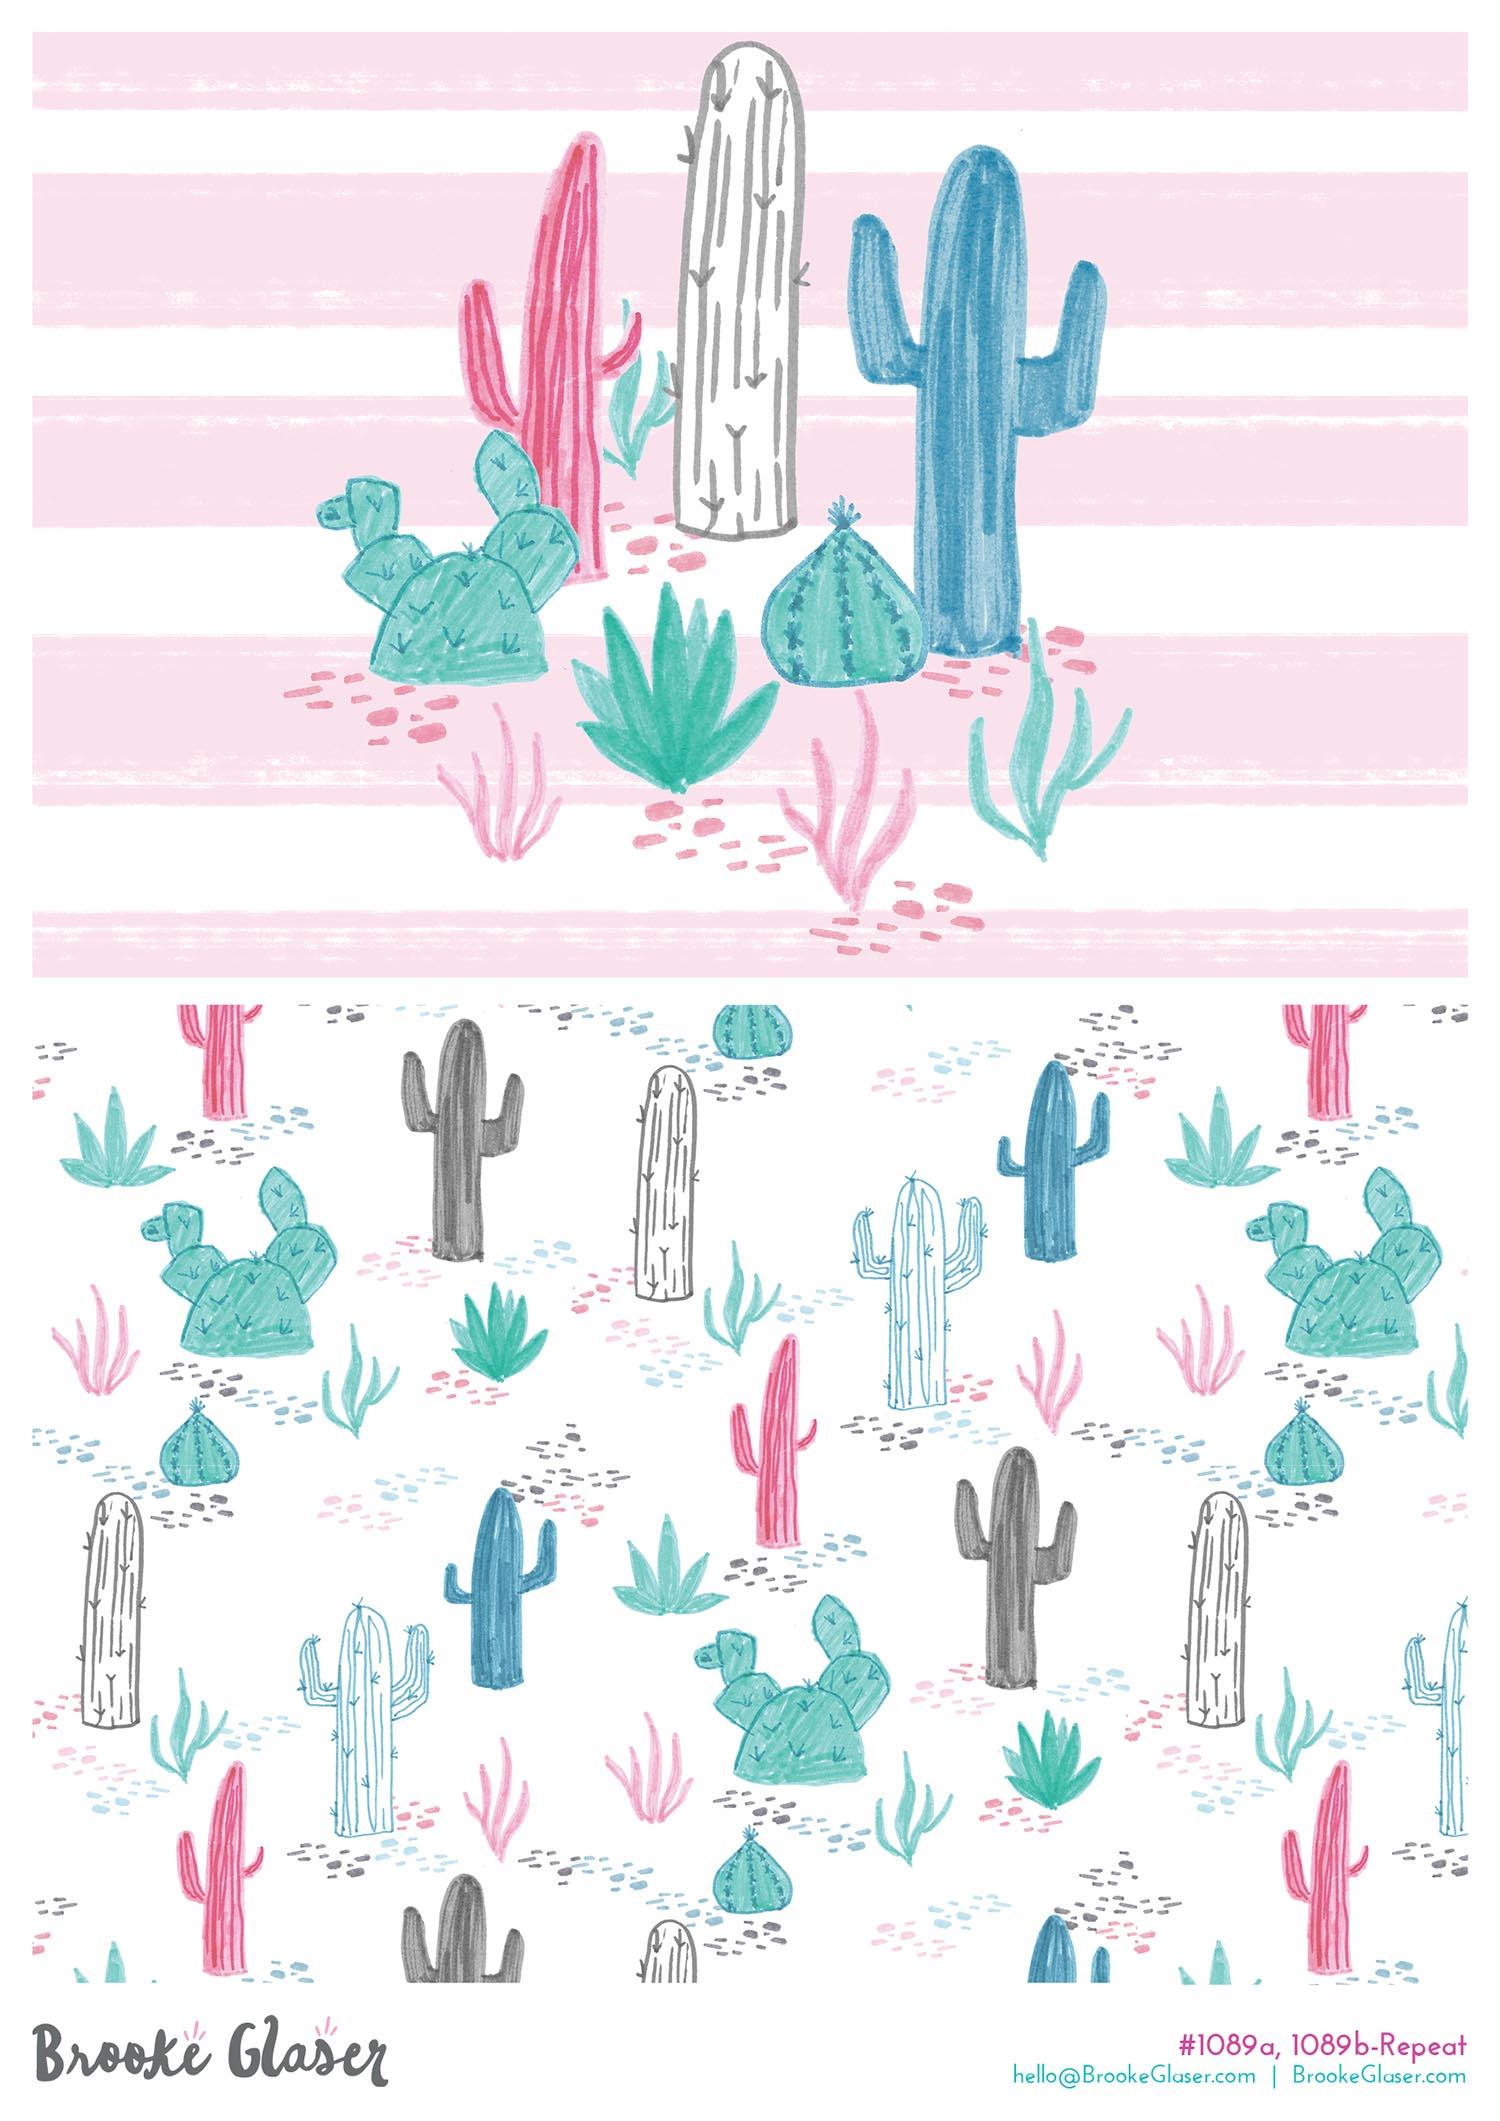 Brooke-Glaser-Prints40.jpg